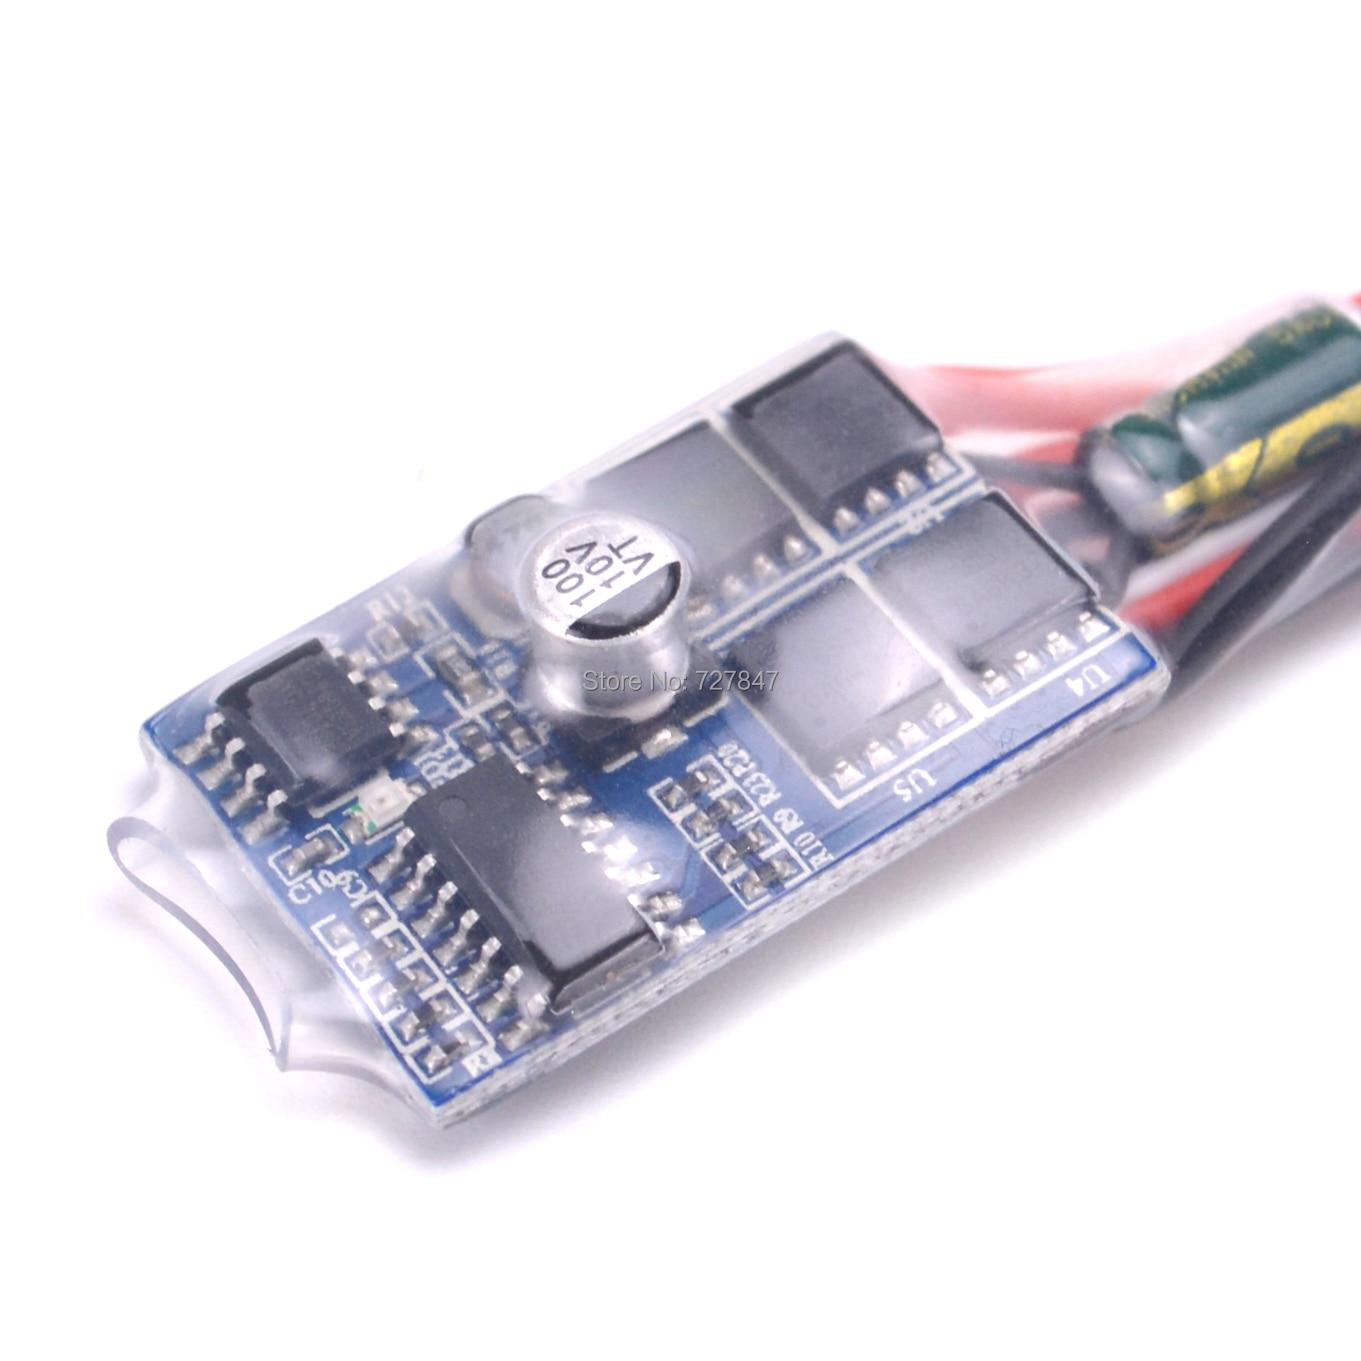 Электрический контроллер скорости с щеткой ESC, 1 шт./2 шт., 30A, ESC, без/с тормозом, для DIY Mini RC Car Boat Tank Детали и аксессуары      АлиЭкспресс